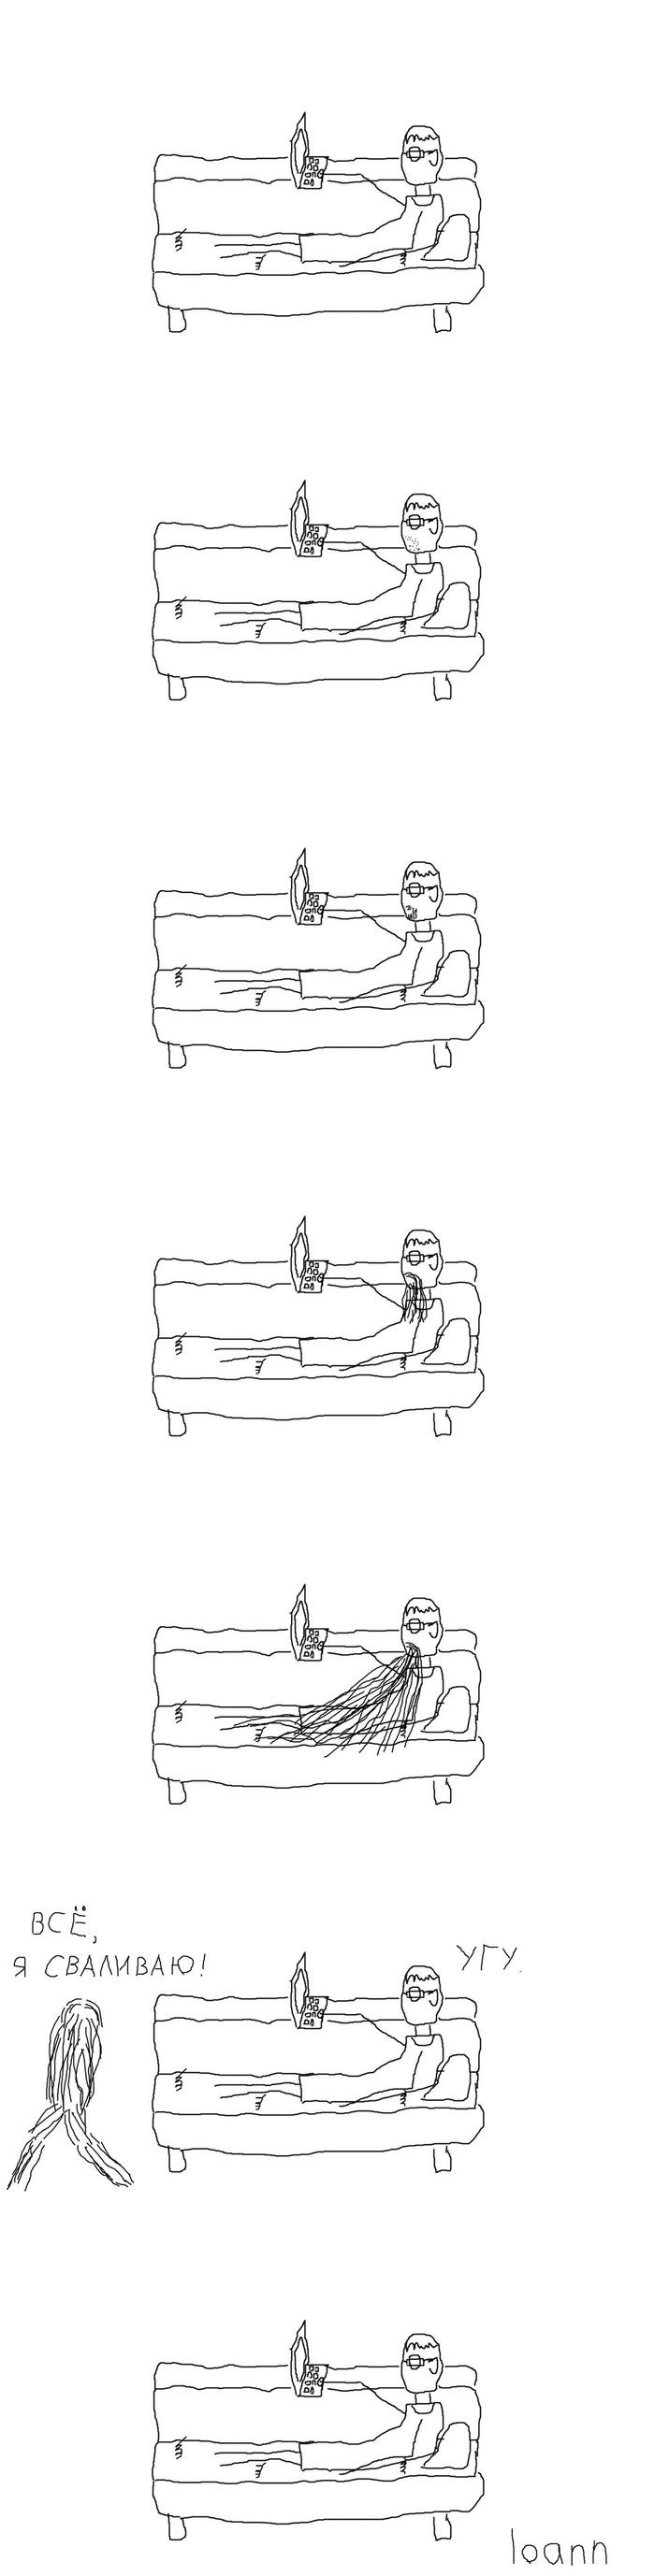 Жизнь на диване это... Комиксы, Диван, Борода, Длиннопост